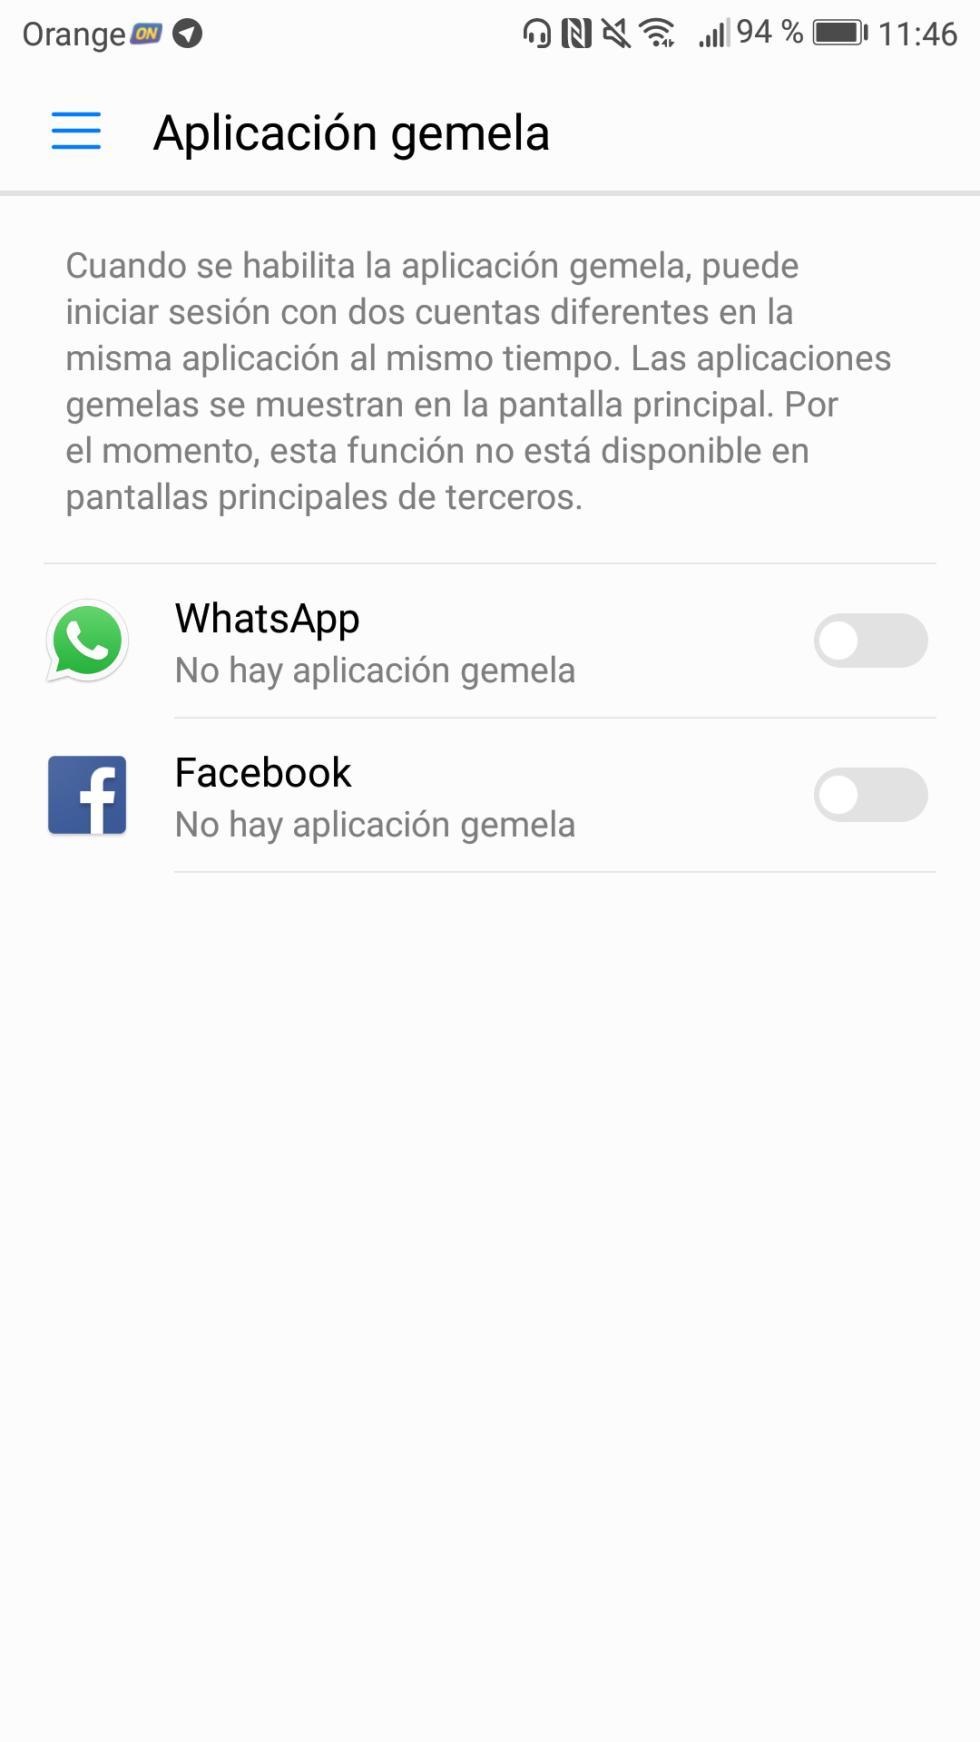 La opción de la Aplicación gemela permite tener, por ejemplo, dos cuentas de WhatsApp en el mismo móvil